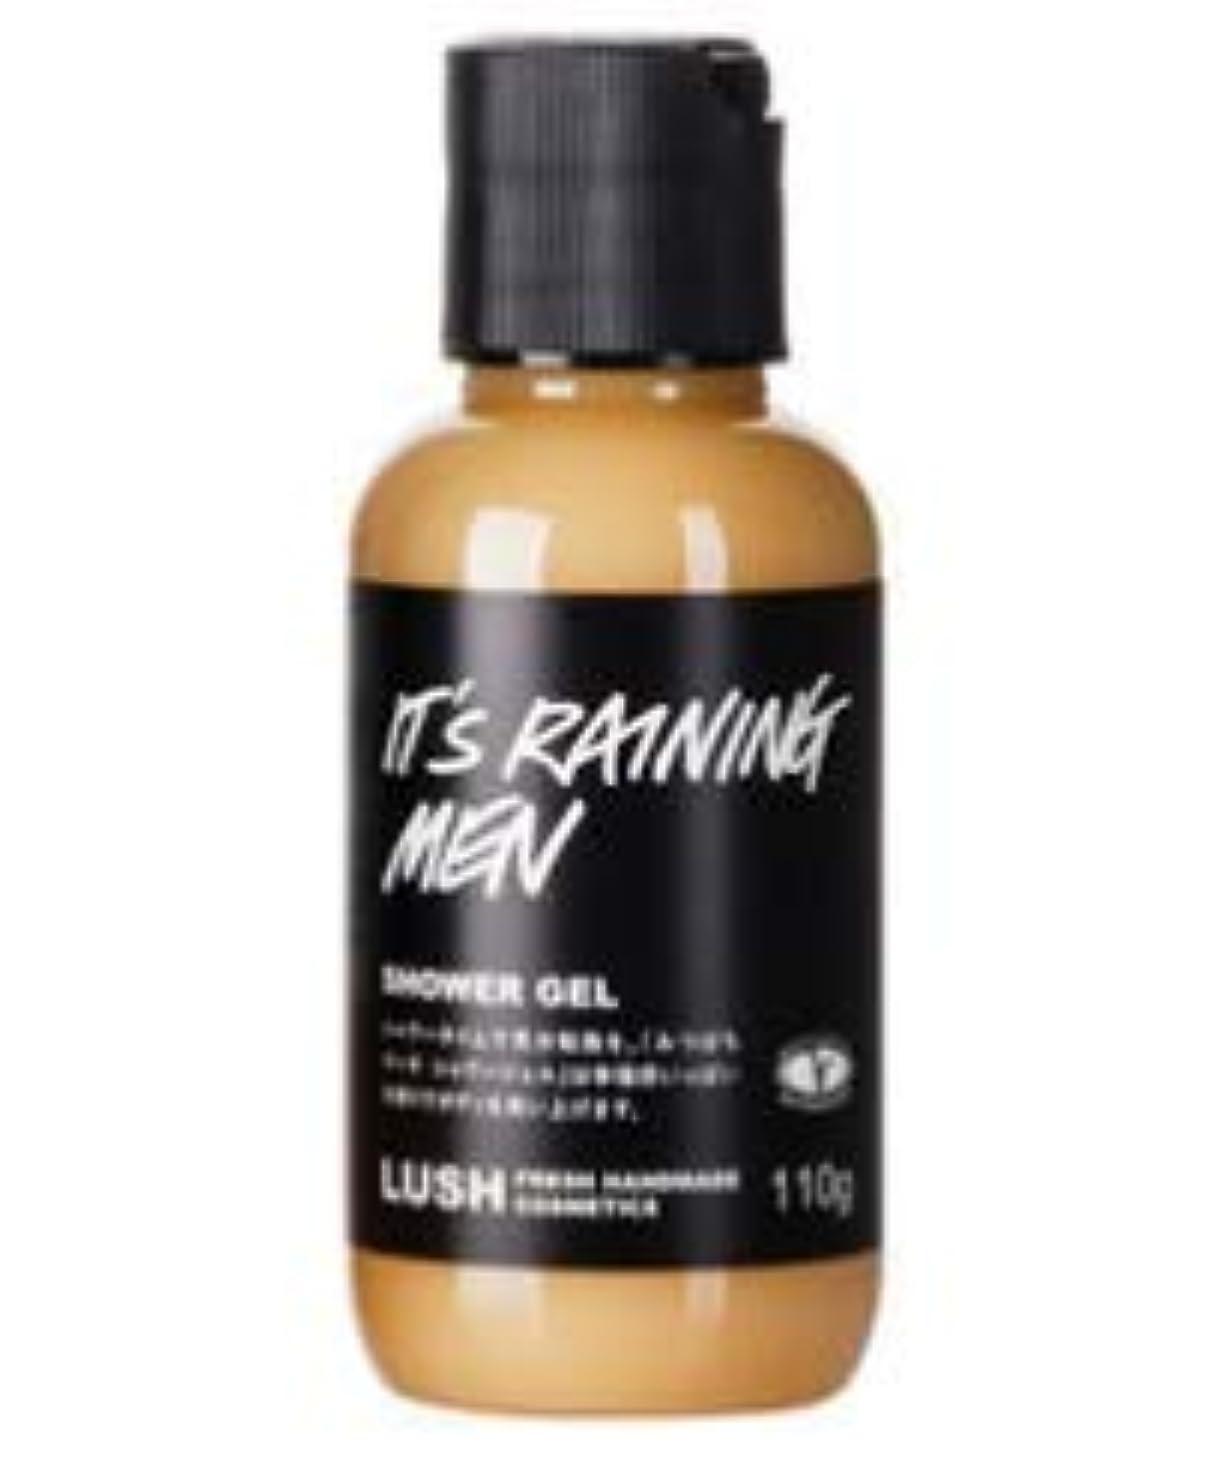 送るフィードオン先祖LUSH ラッシュ みつばちマーチ シャワージェル It's Raining Men 甘い香り 浴用化粧品 ボディソープ 自然派化粧品 天然成分 ベルガモット ハチミツ (110g)